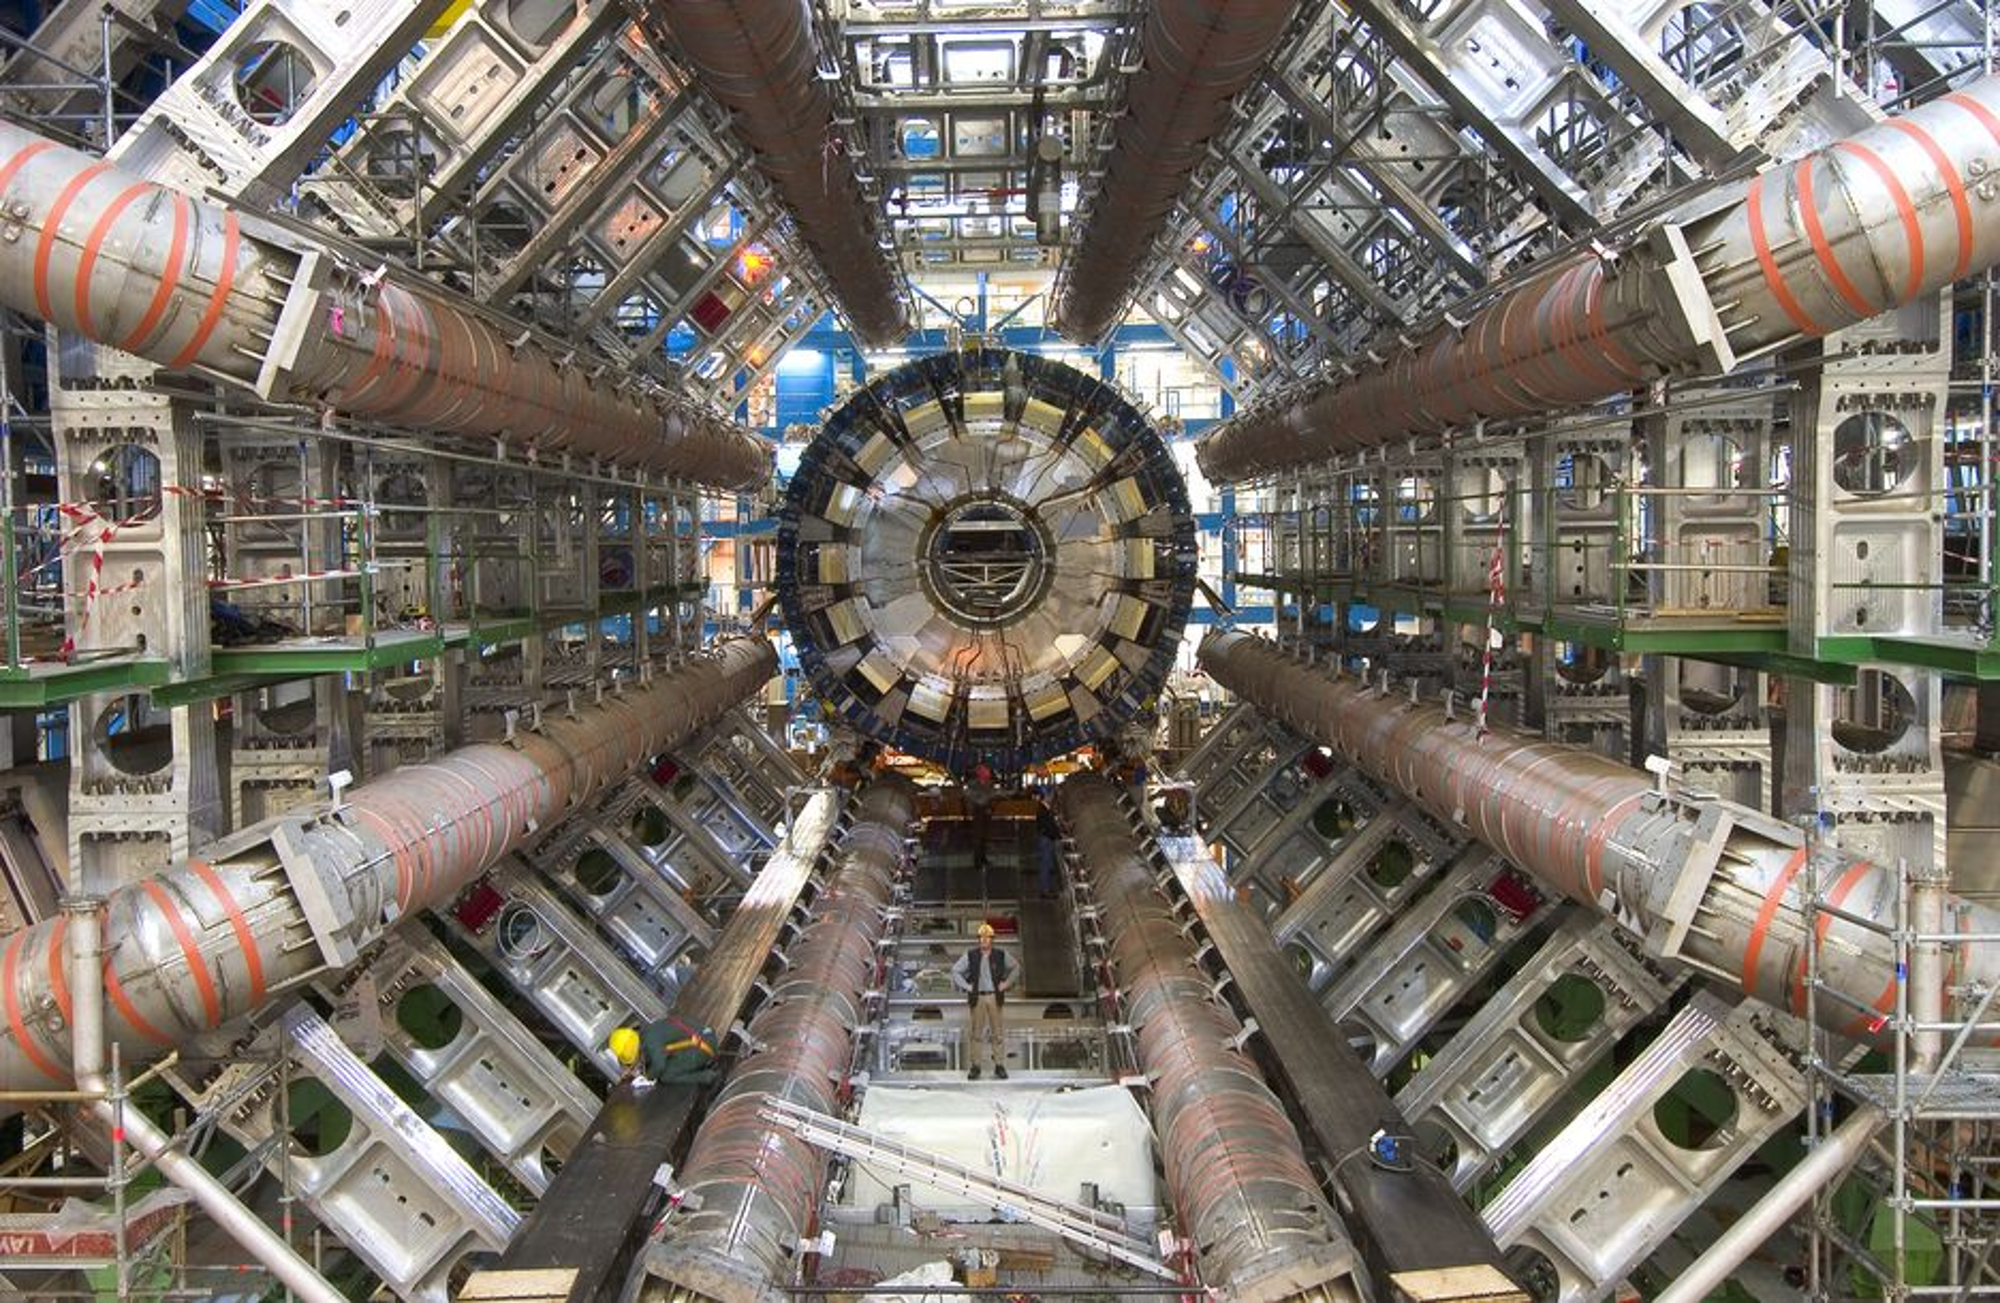 Forskerne sier at de forventet problemer med partikkelakseleratoren i Sveits. Den er nå ute av drift i minst to måneder.